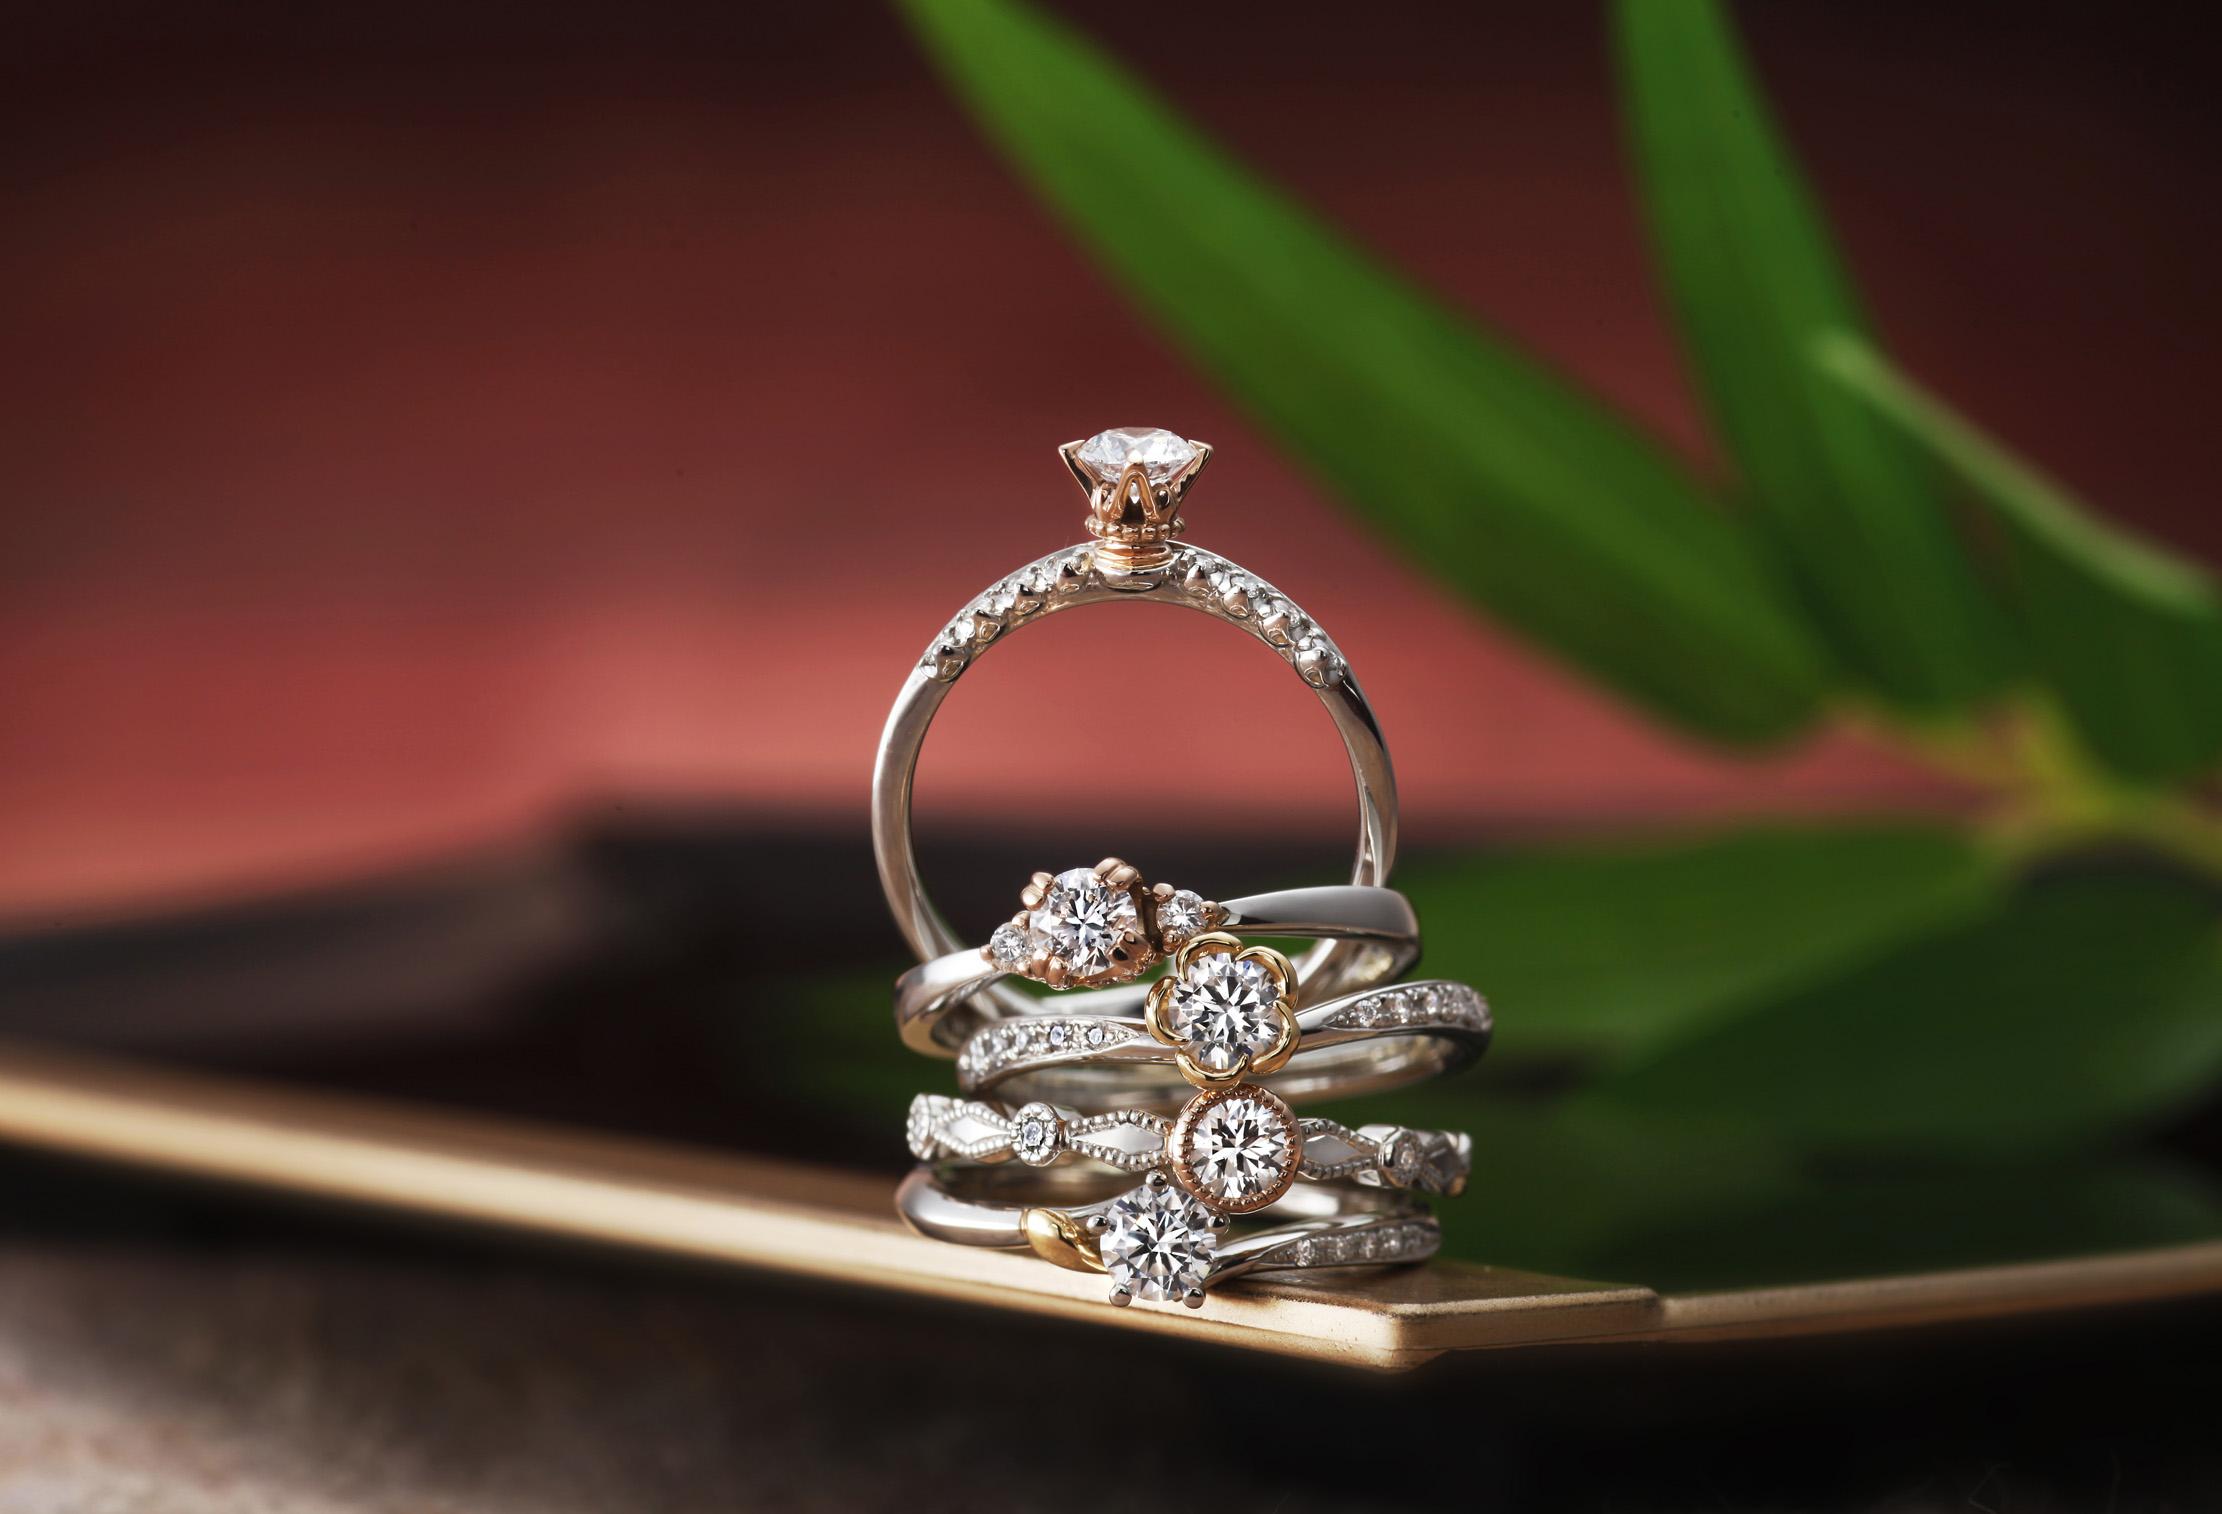 【静岡市】和の心の美しさ『彩乃端 IRONOHA』の婚約指輪